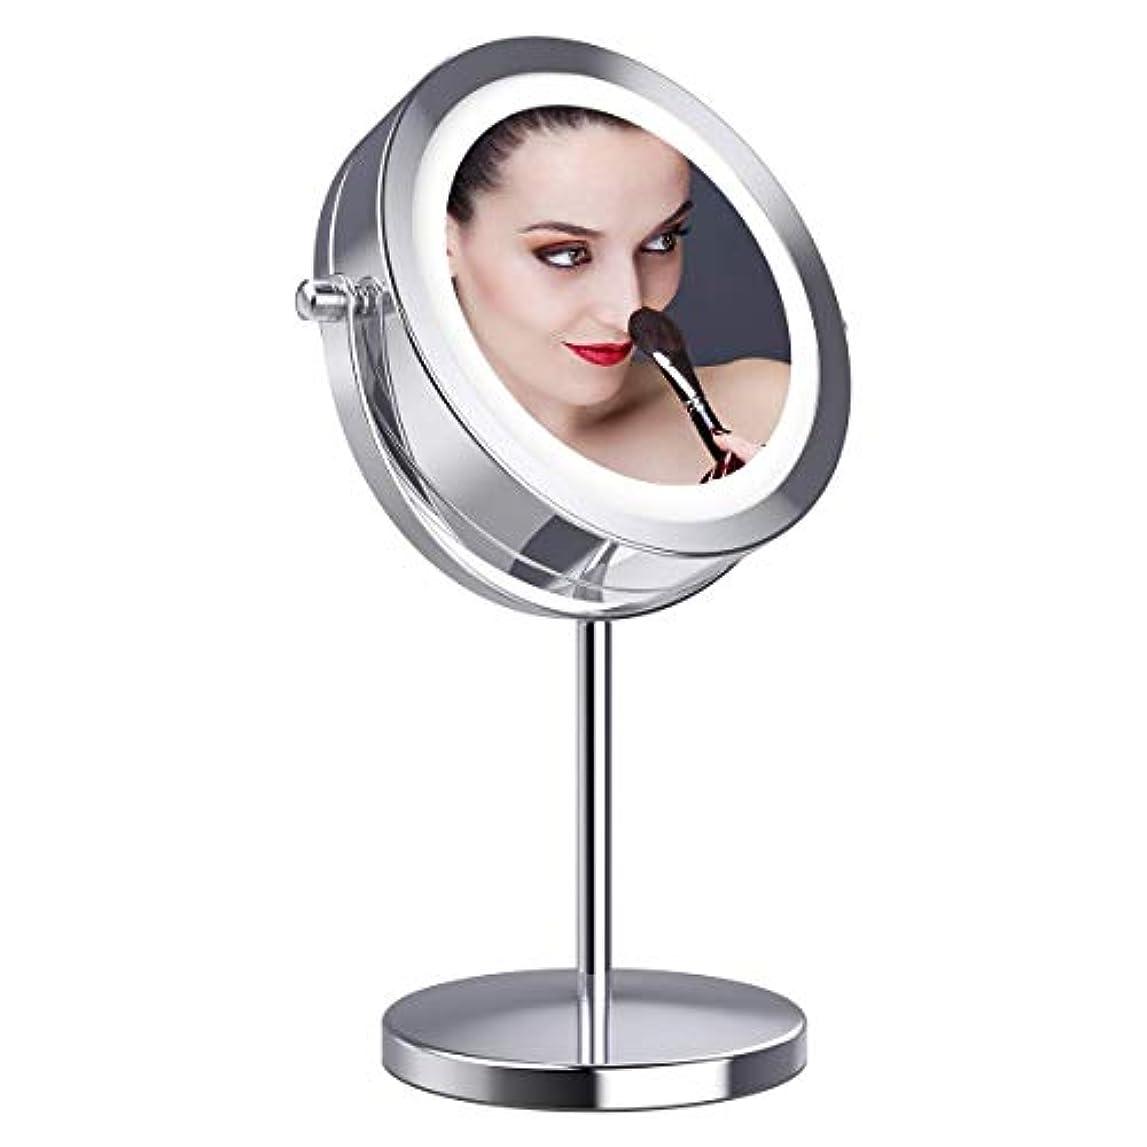 パイントあざ抑制する拡大鏡10倍 LED拡大鏡 化粧鏡 LEDミラー 卓上ミラーled 化粧ミラー 360度回転ミラー LEDライト付きミラー 真実の北欧風卓上鏡 卓上鏡 LED化粧鏡 両面化粧鏡 スタンドミラー「Gospire」